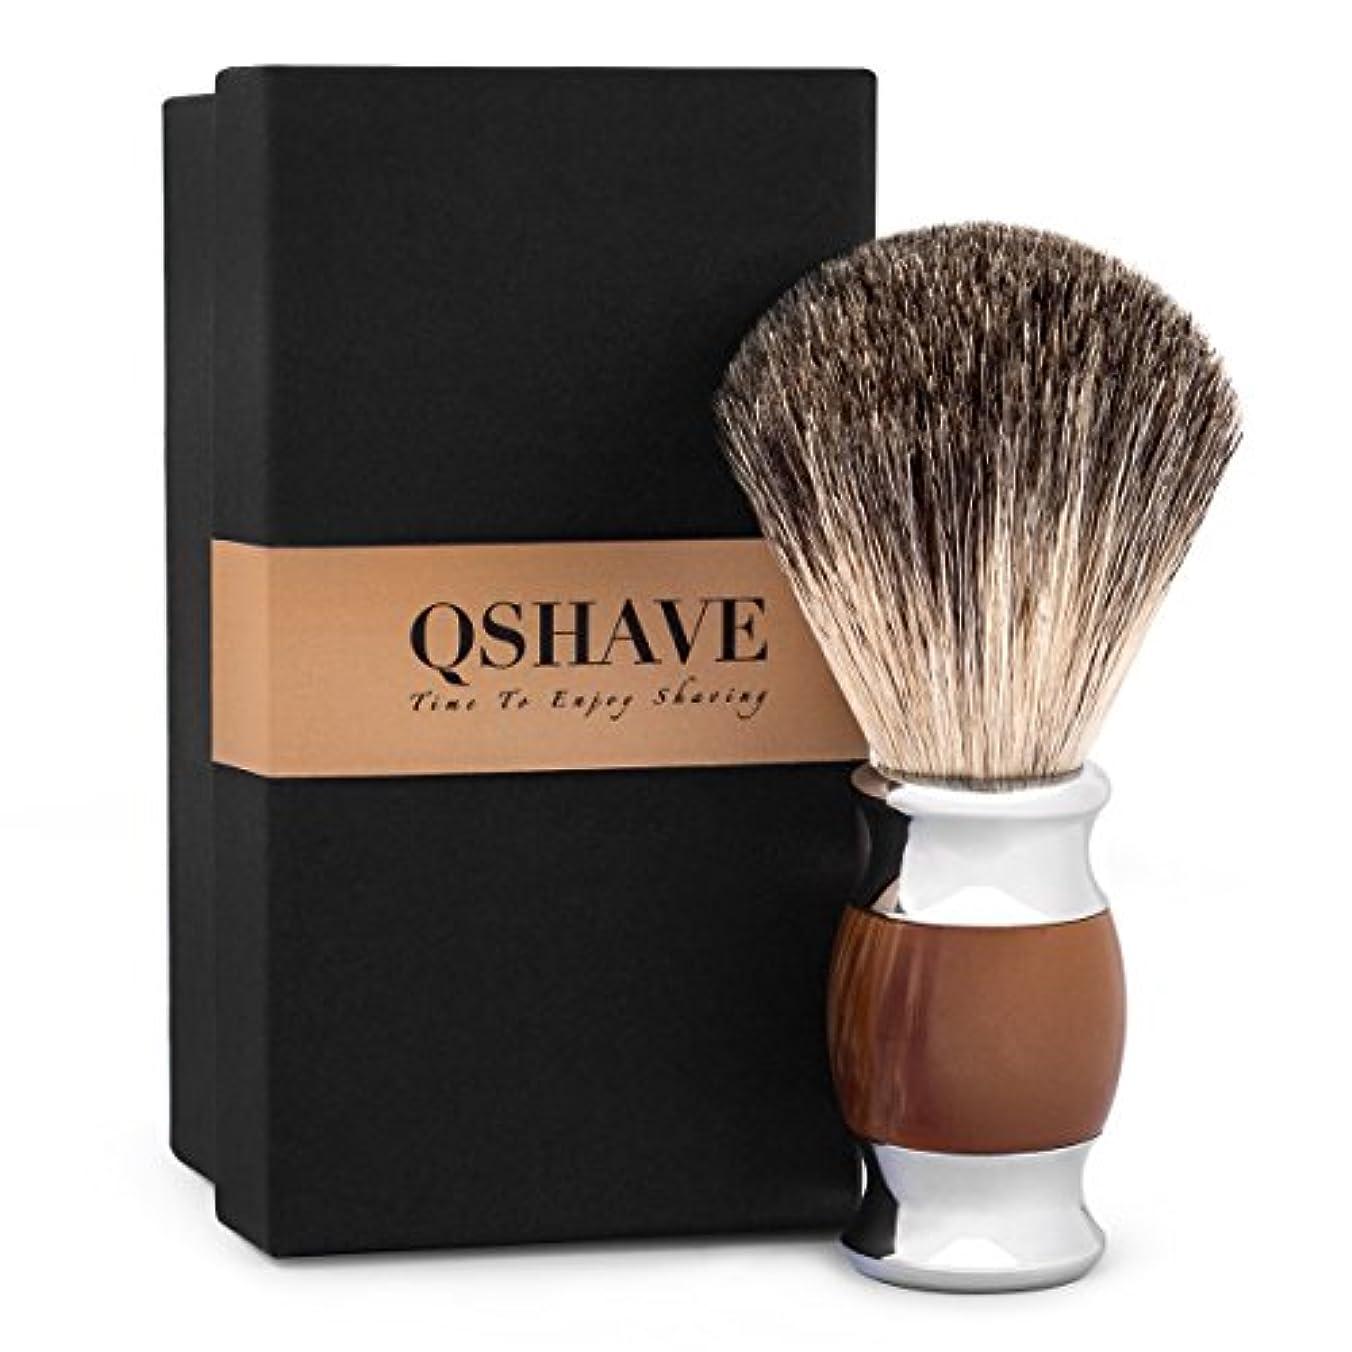 商品アドバンテージ電化するQSHAVE 100%最高級アナグマ毛オリジナルハンドメイドシェービングブラシ。人工メノウ ハンドル。ウェットシェービング、安全カミソリ、両刃カミソリに最適